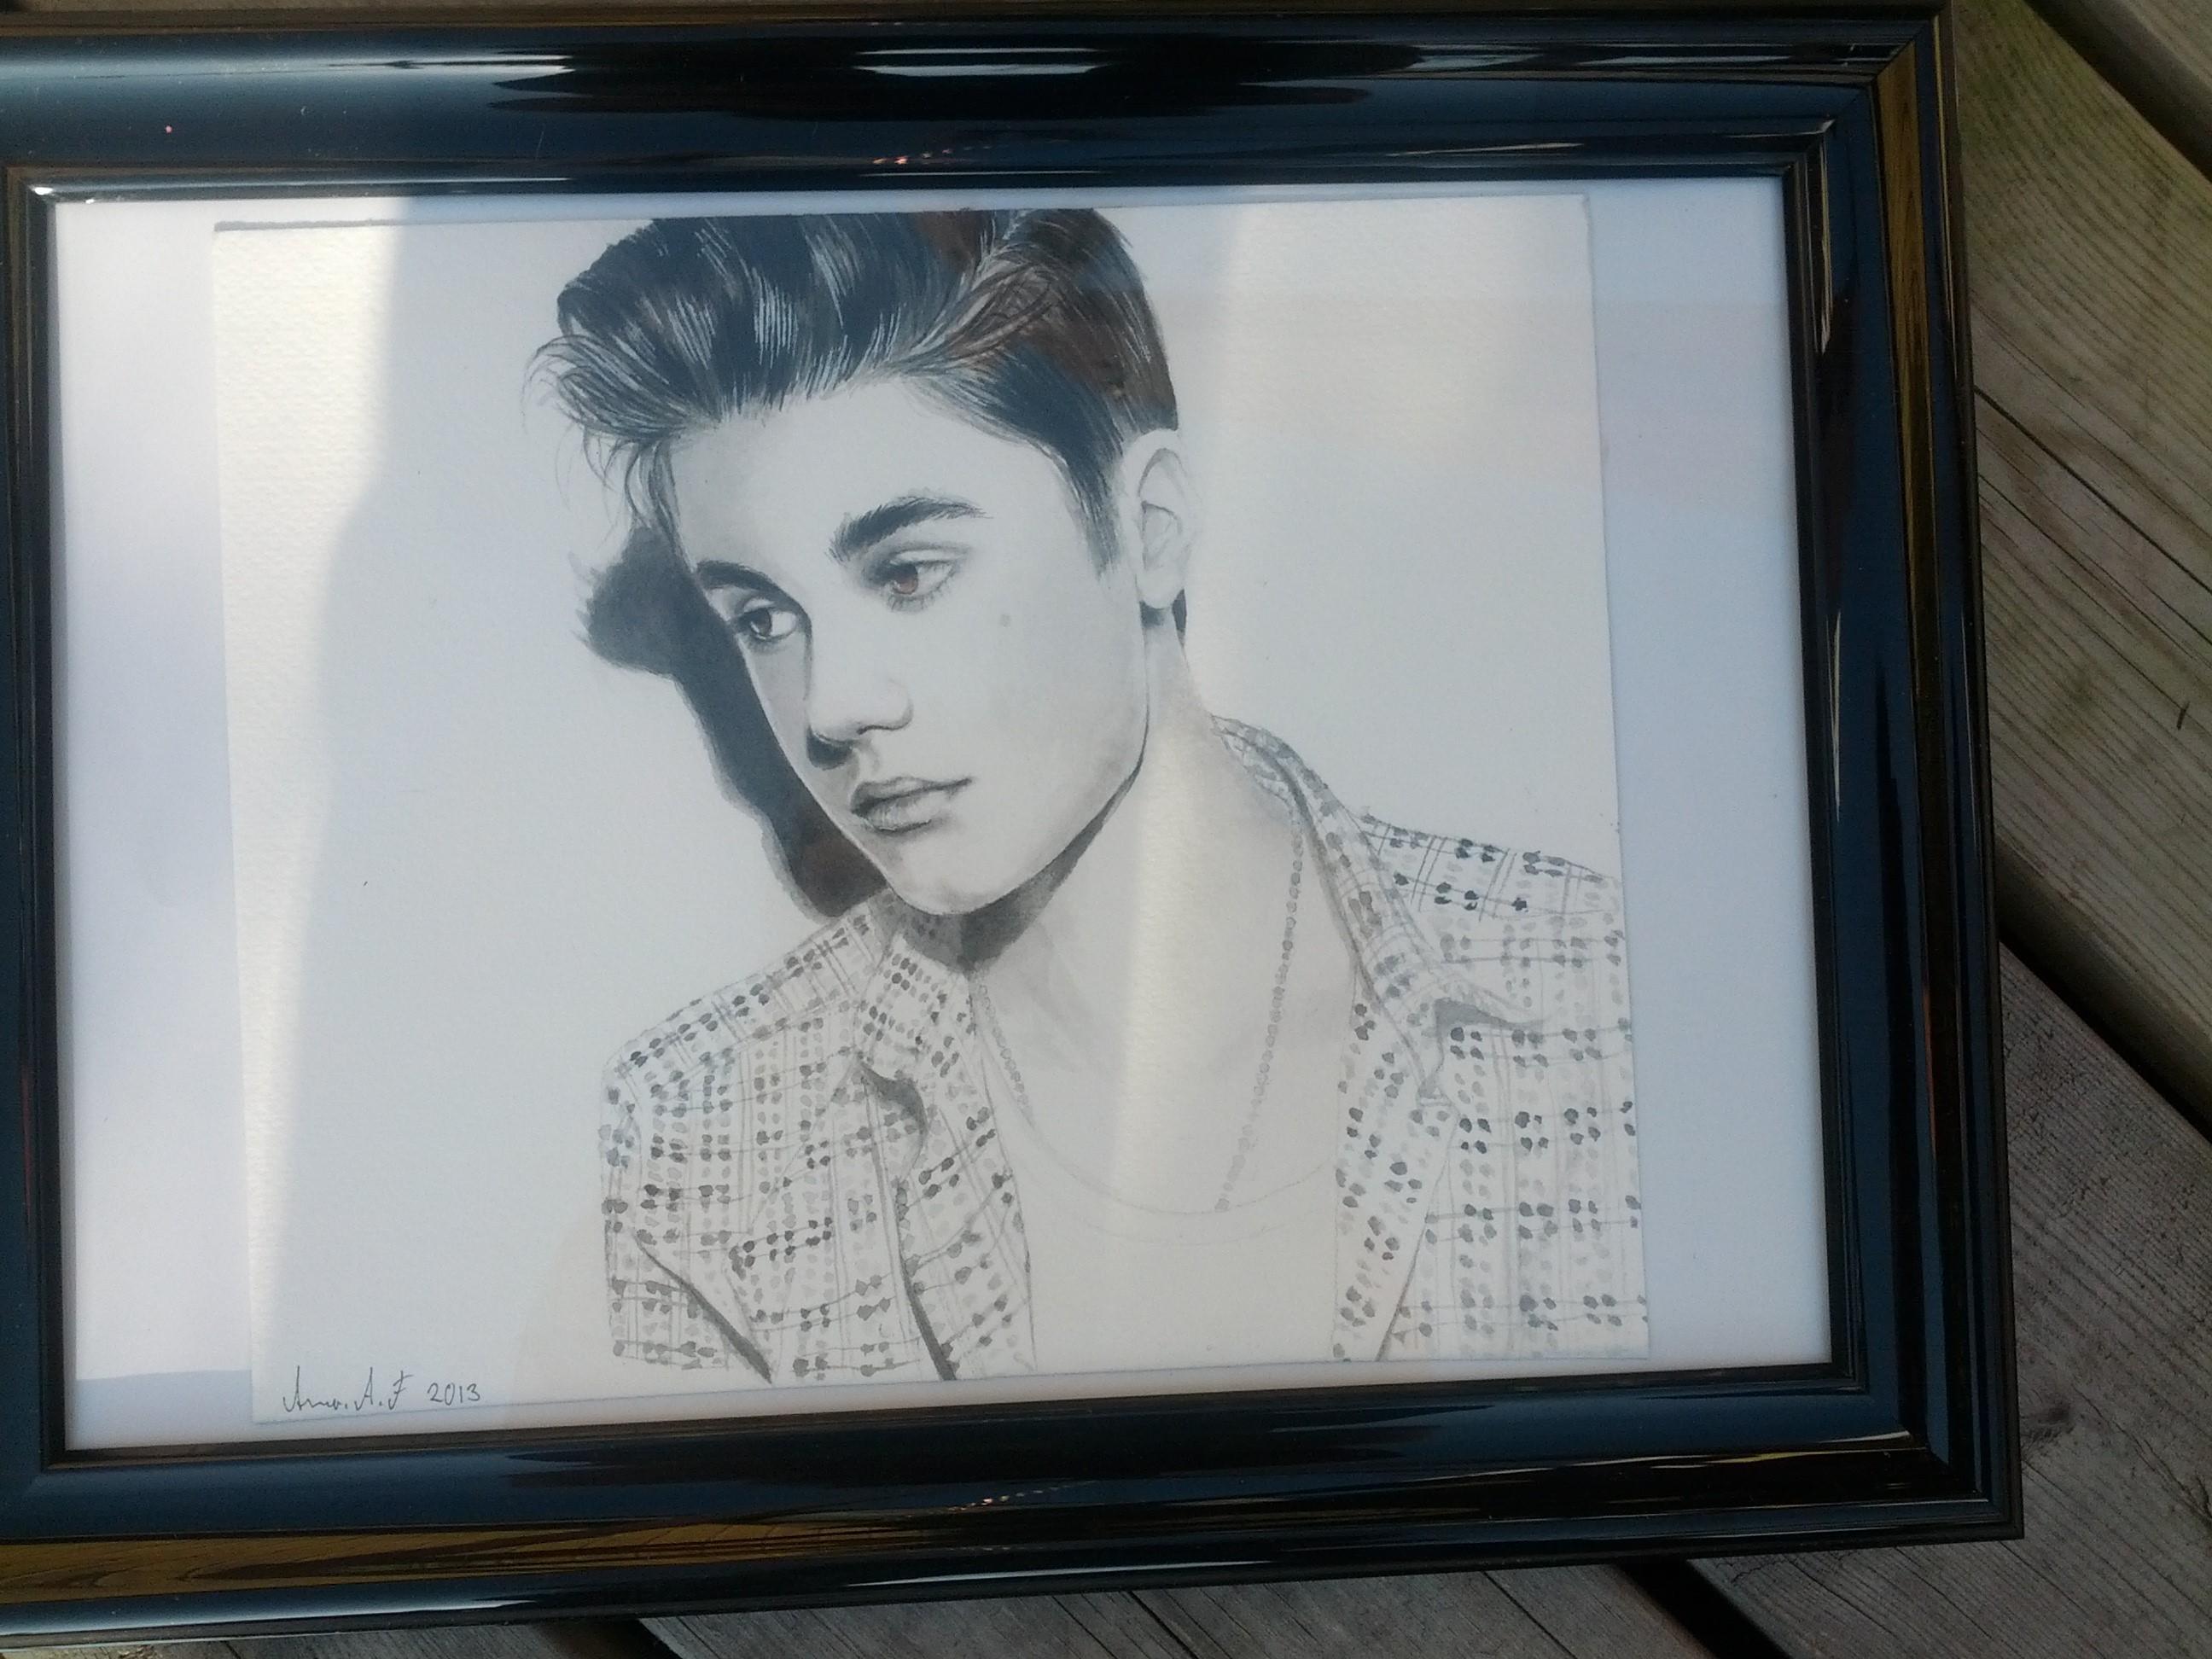 Justin, again